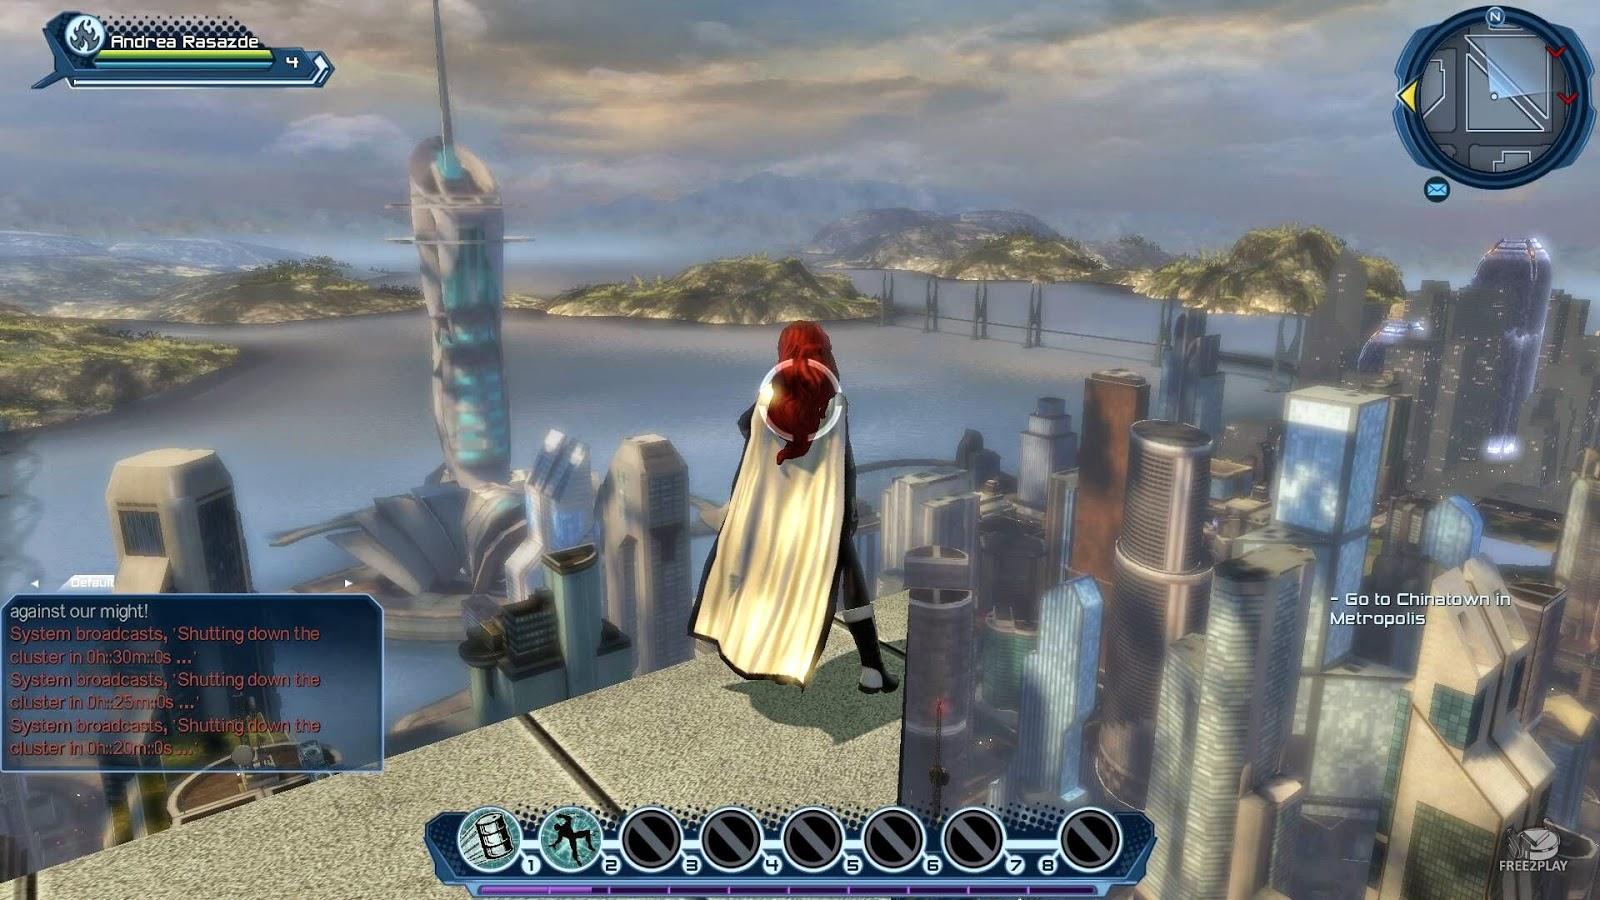 Revelation Online vous propose une aventure MMORPG gratuite très orientée action et aventure de type asiatique, mâtinée de reflets occidentaux. Un mélange qui ravira de nombreux joueurs en 2017. Un mélange qui ravira de nombreux joueurs en 2017.